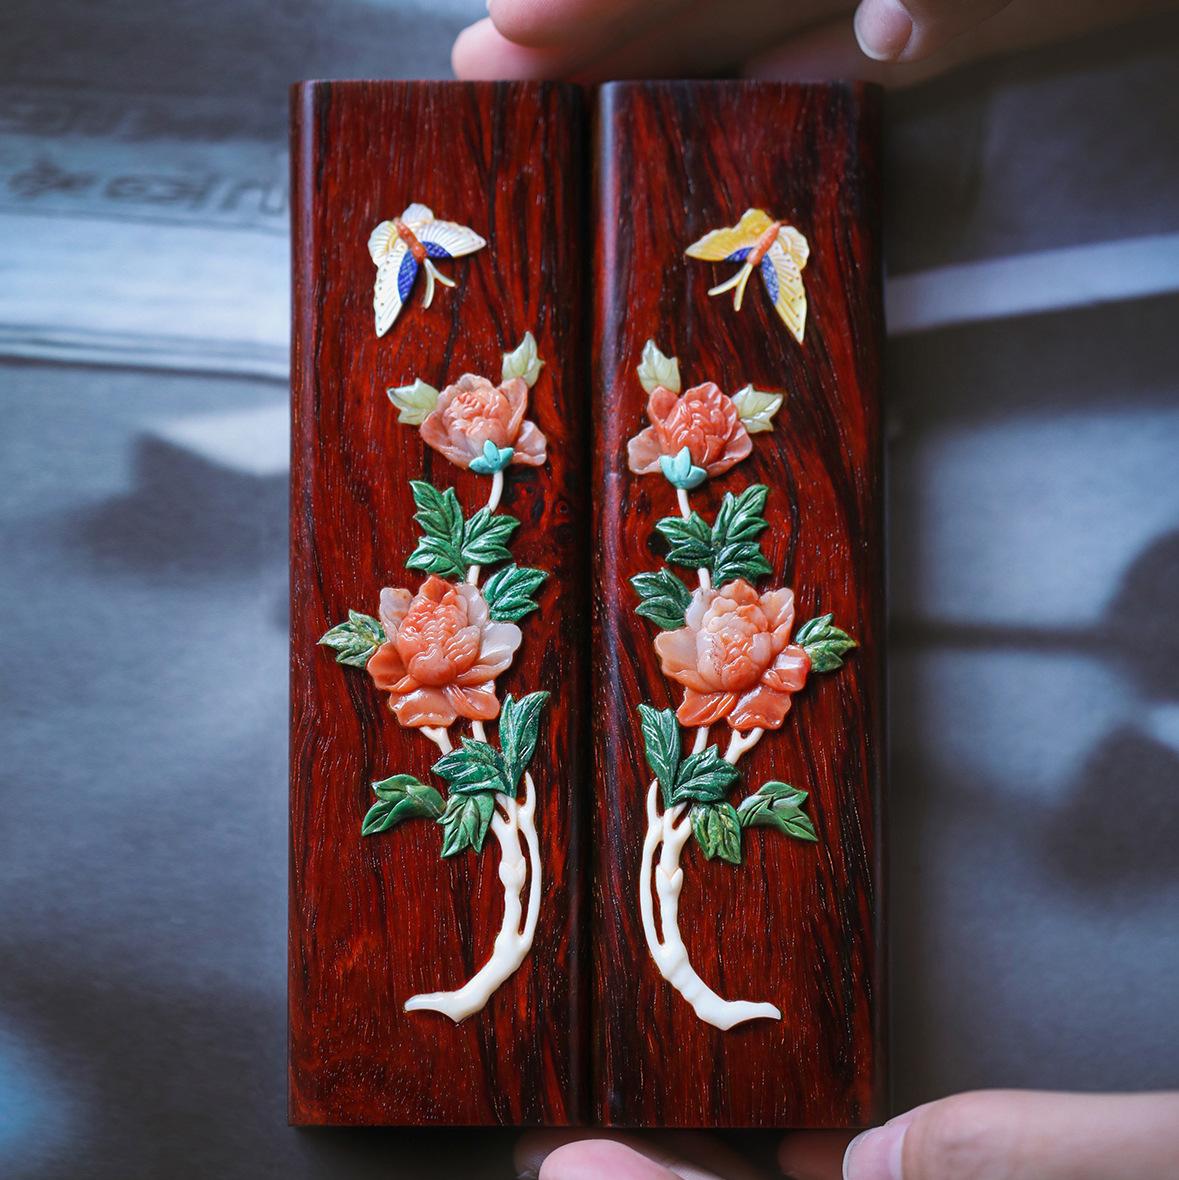 印度小叶紫檀百宝嵌花开富贵 镇尺文房用品案上雅件文玩木雕收藏